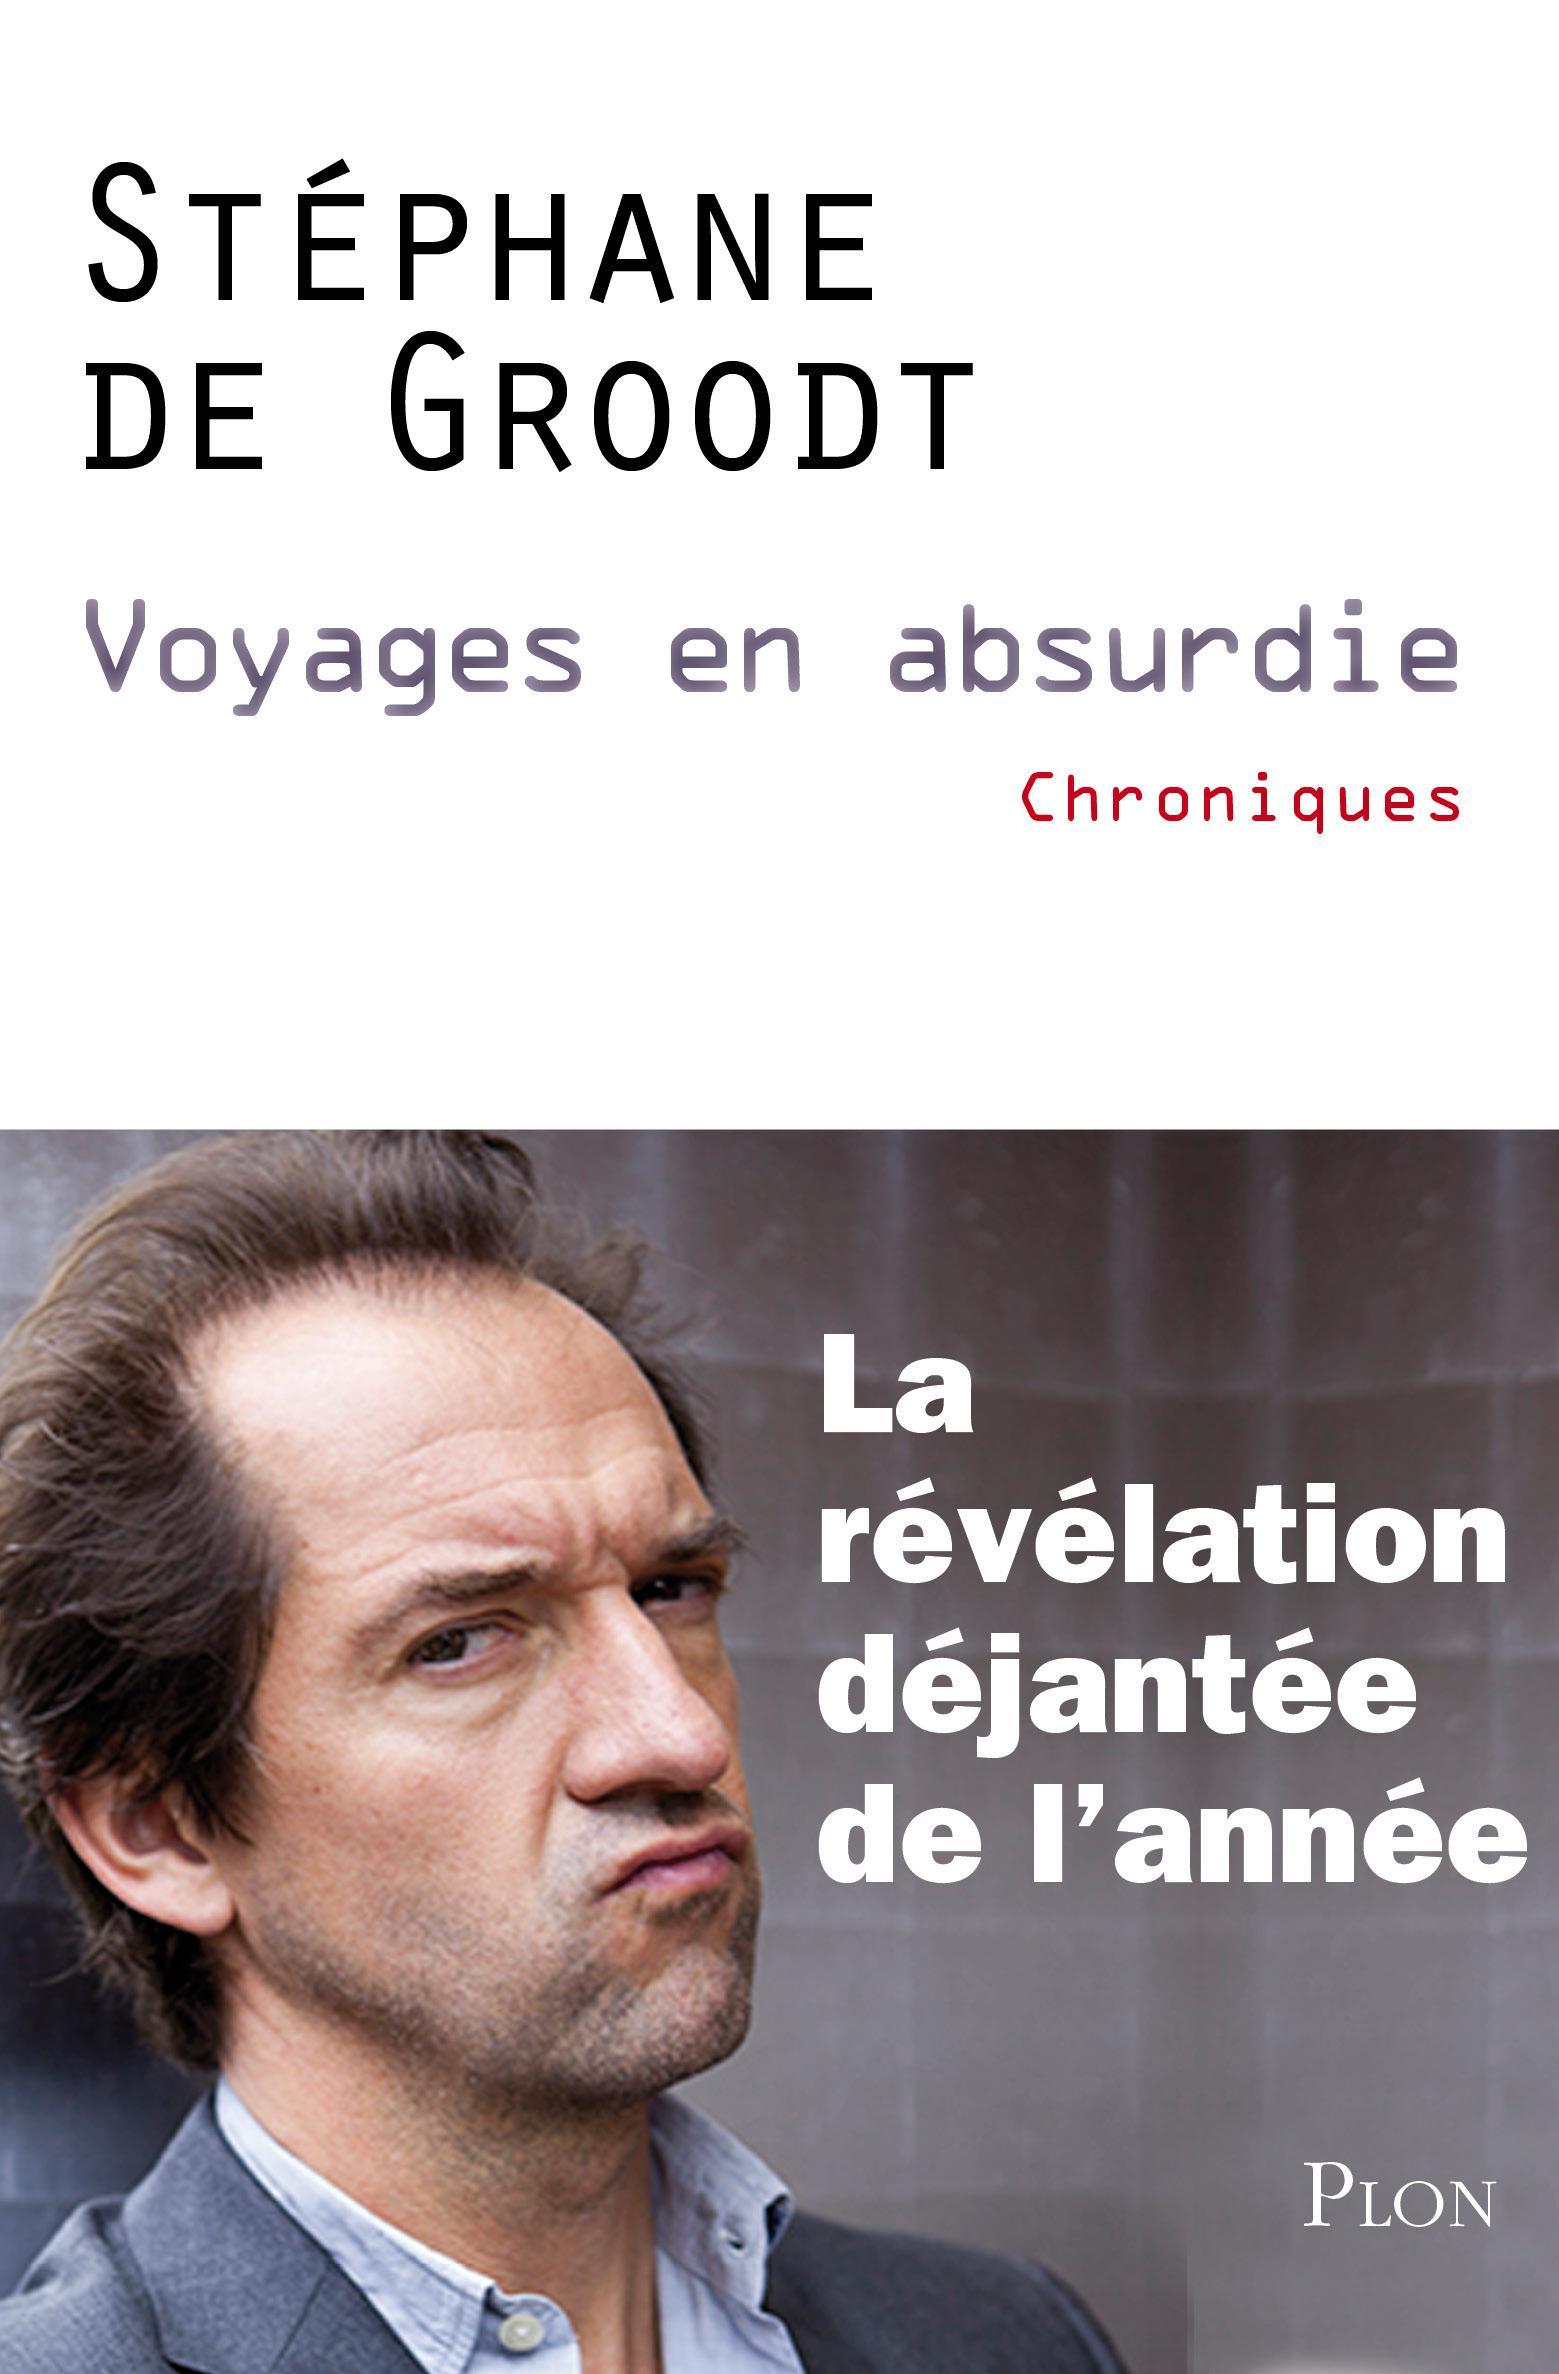 Voyages en absurdie Stephane de groodt